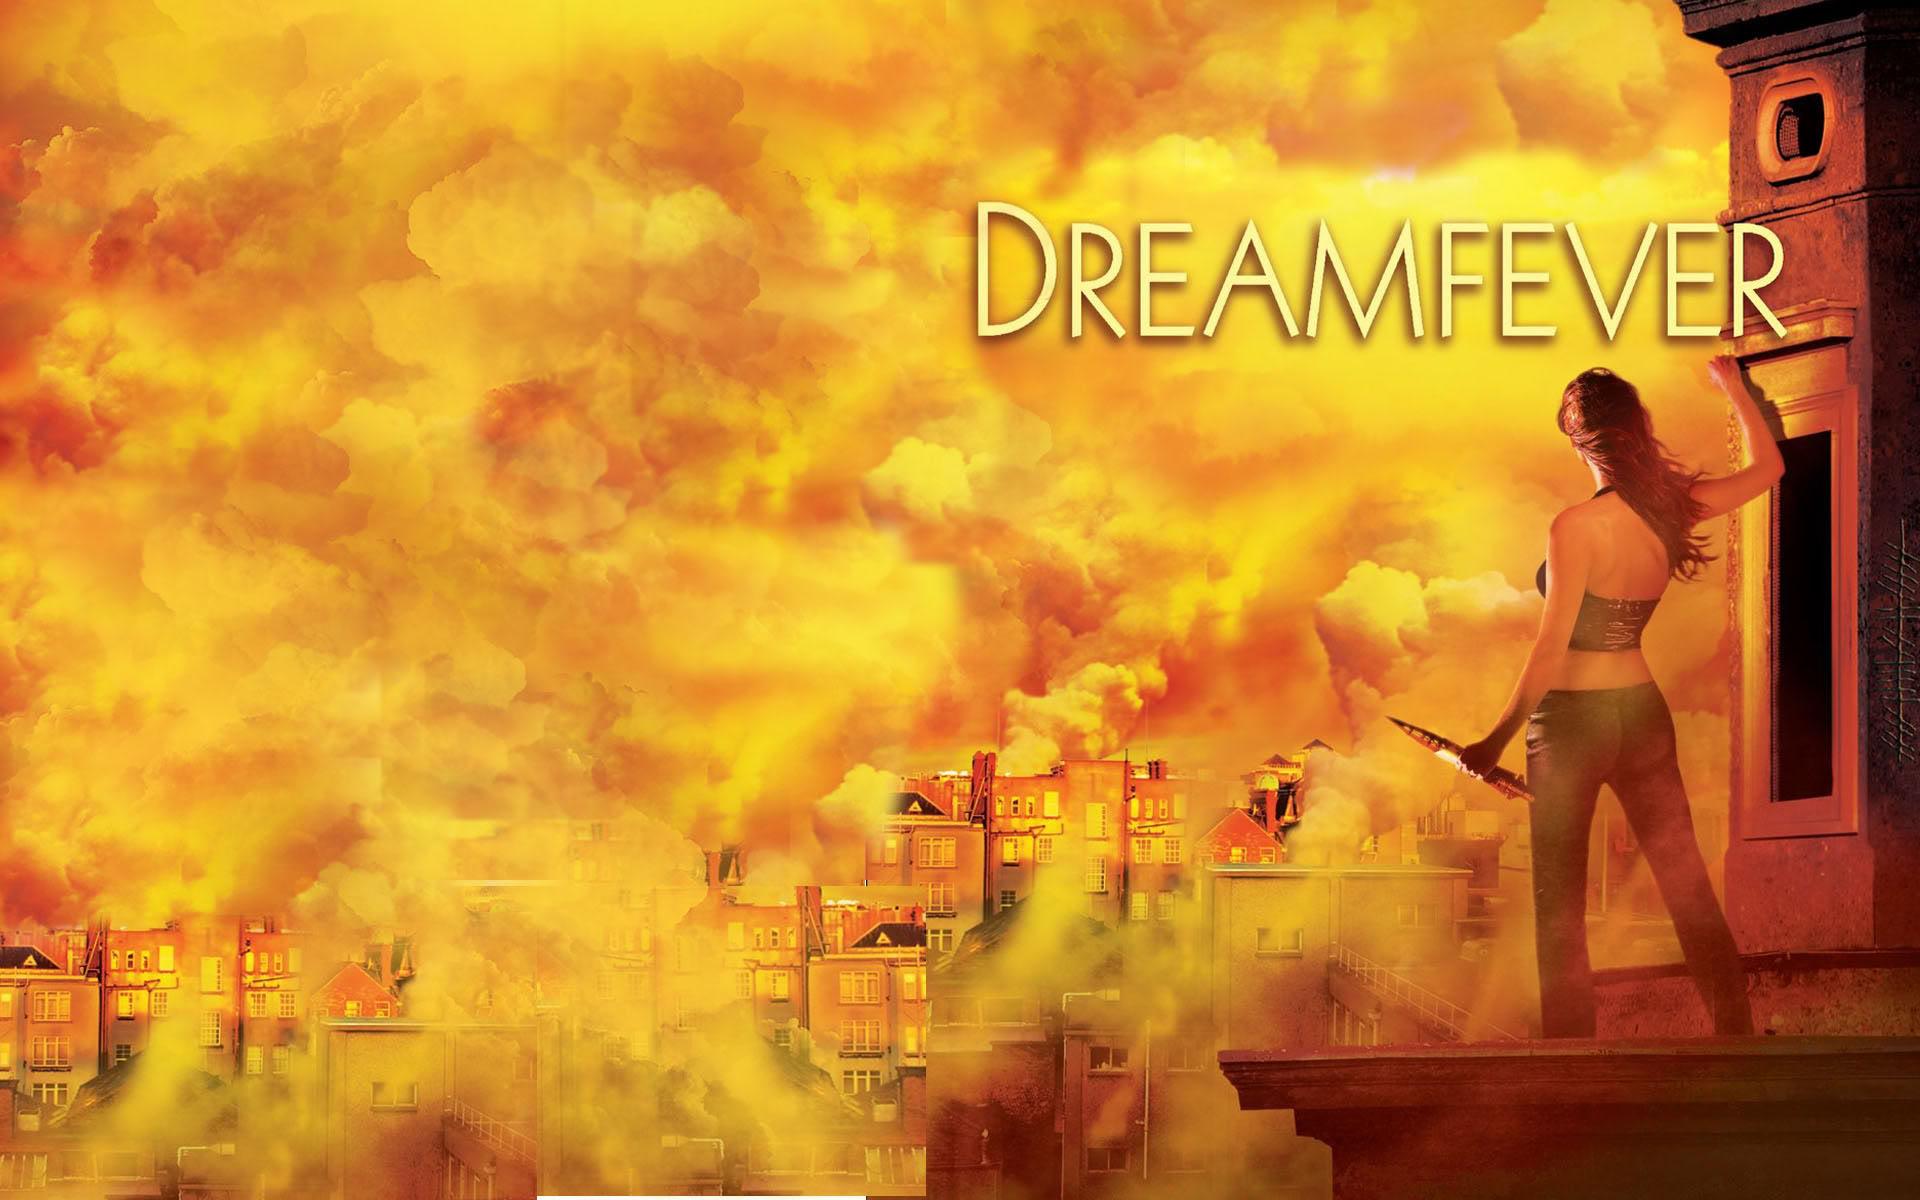 Dreamfeverwallpaper2-1.jpg